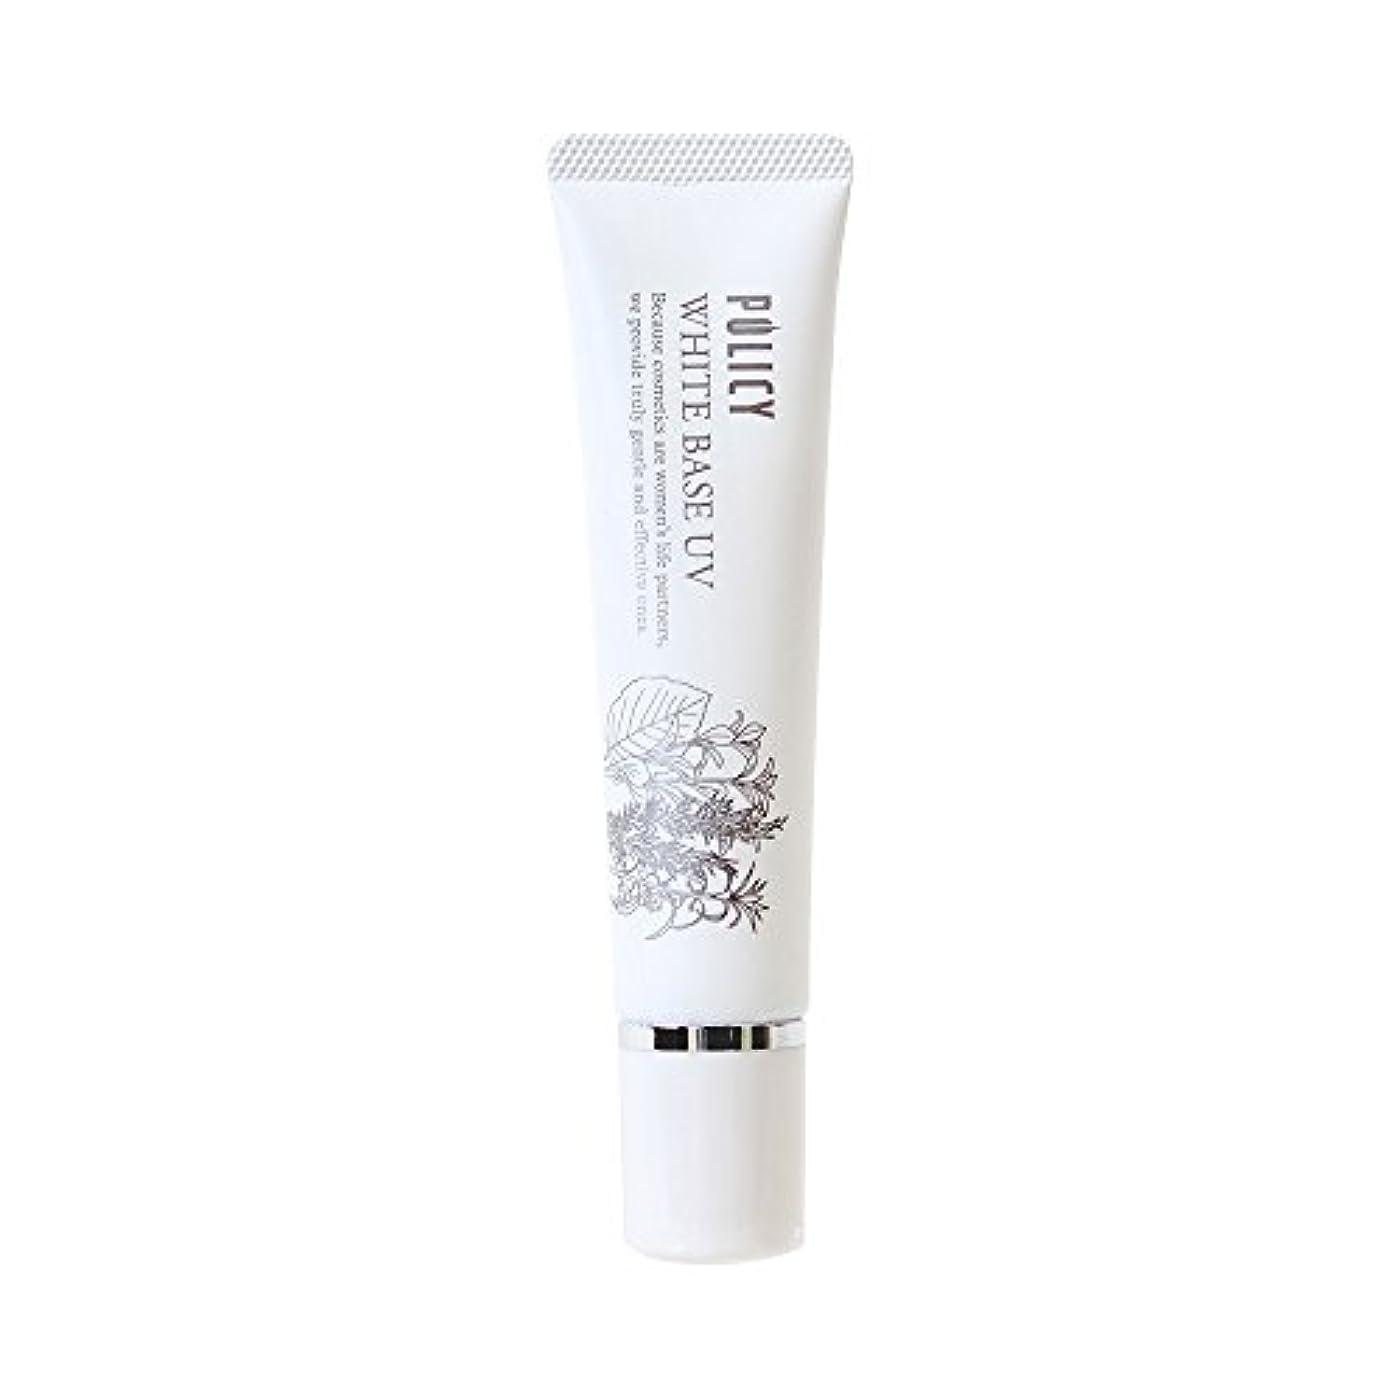 時系列将来のバンポリシー化粧品 【メイク下地クリーム】ホワイトベースUV 30g